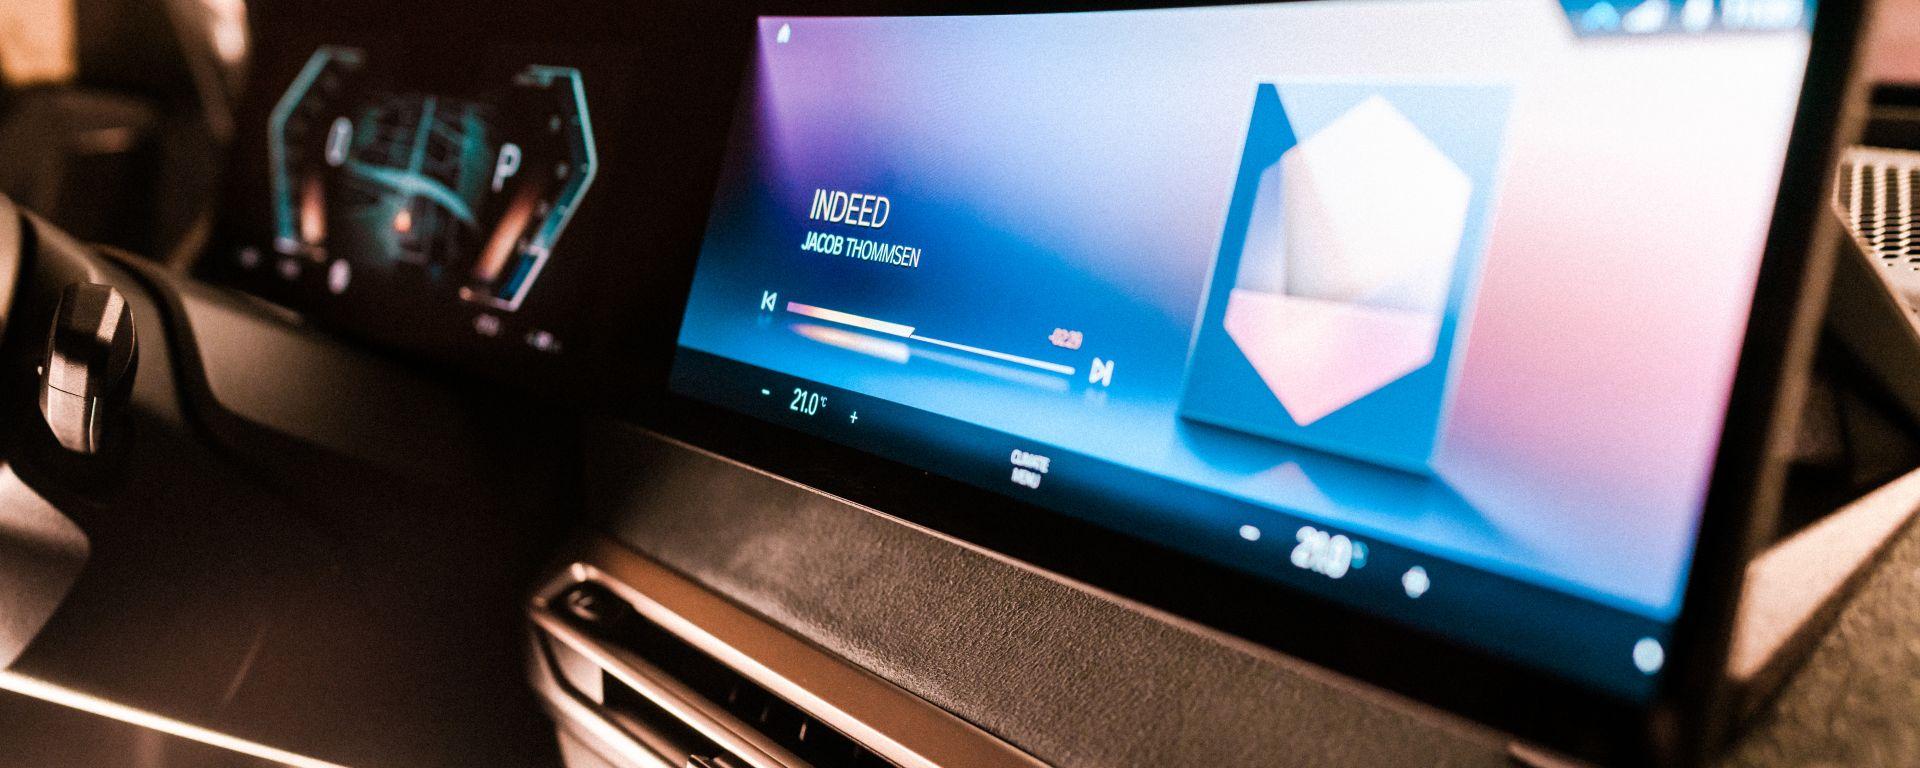 BMW iDrive, prove tecniche di evoluzione